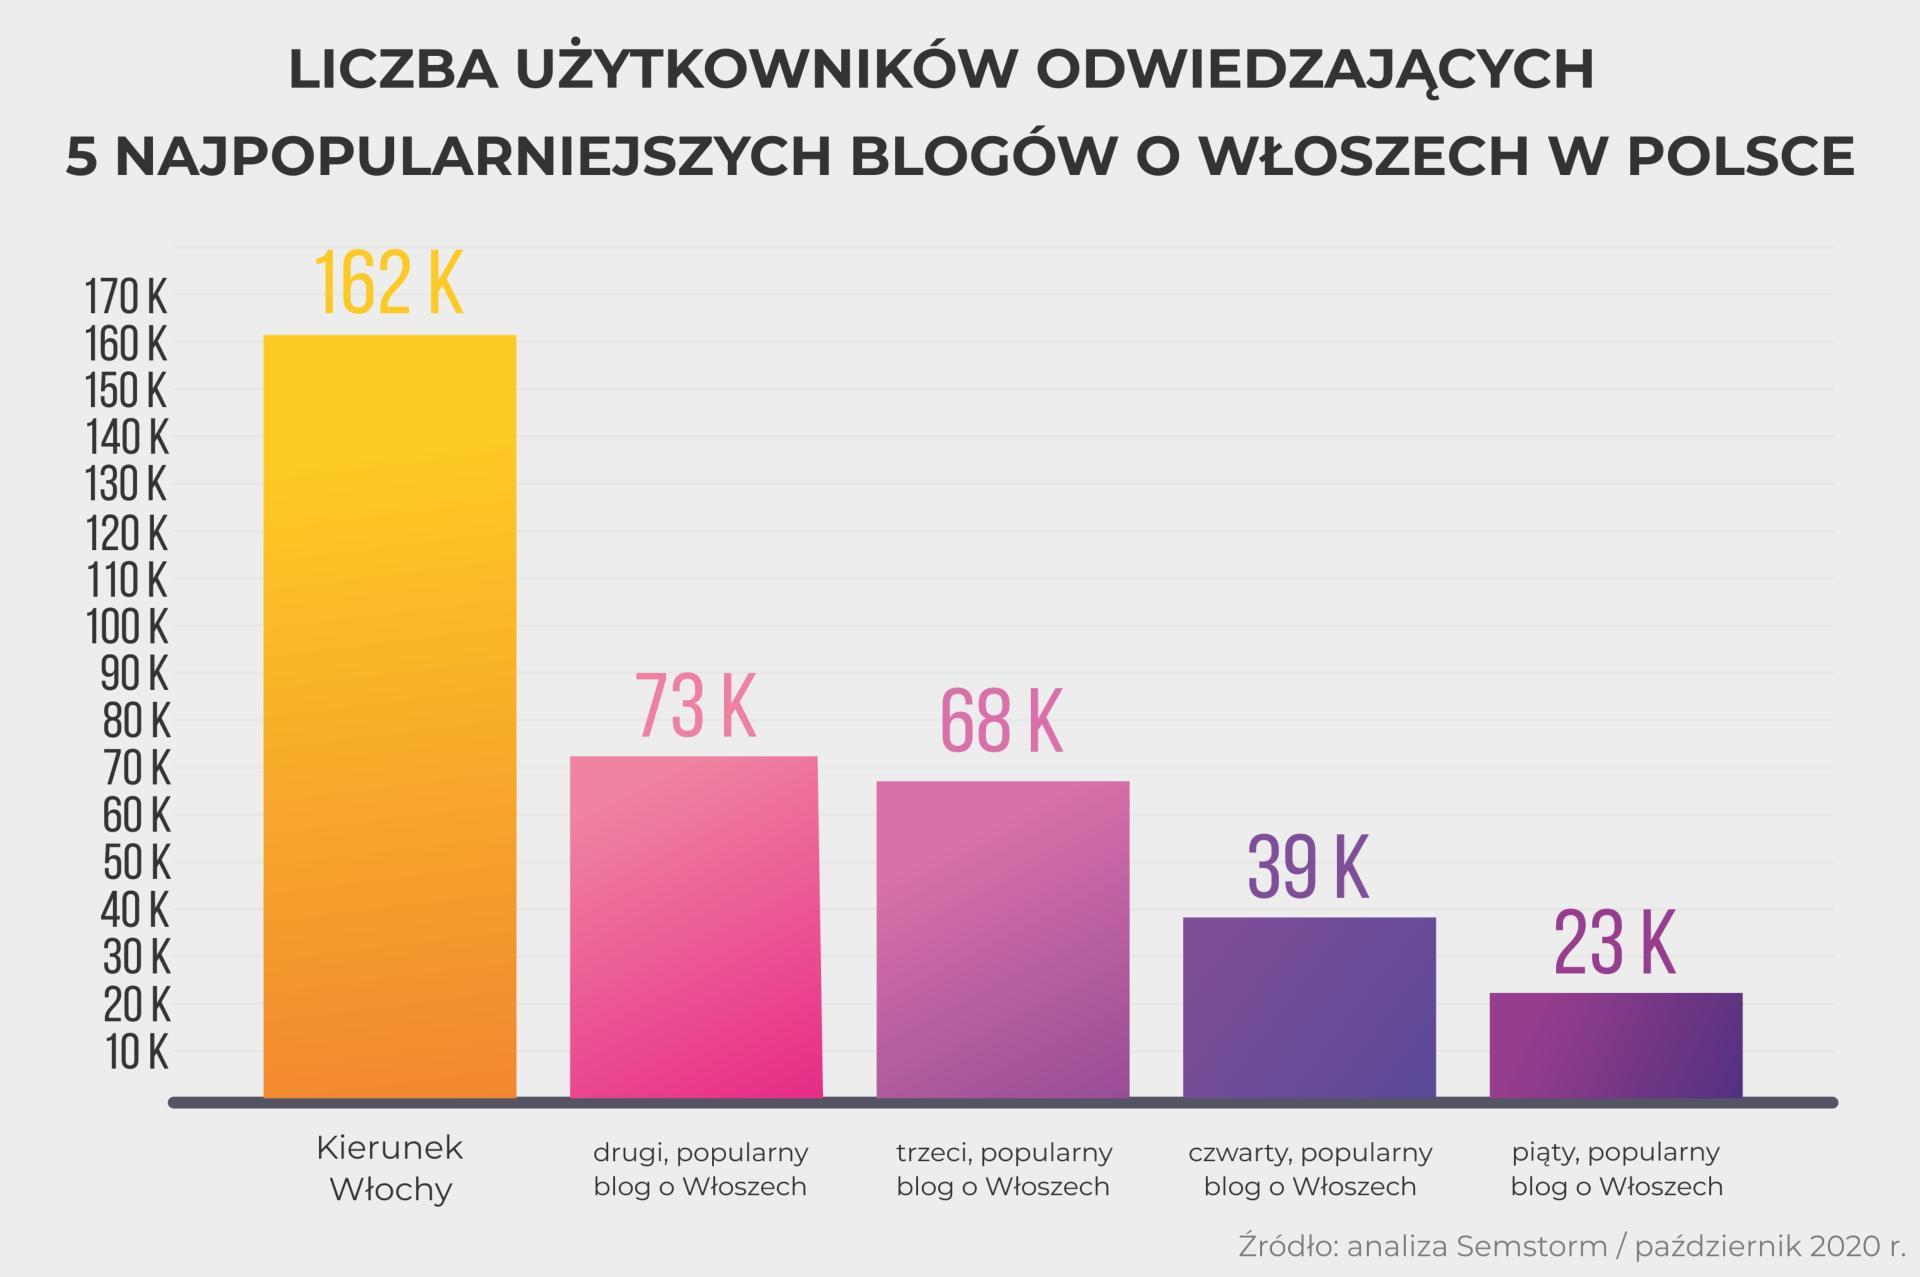 wykres przedstawiający miesięczną liczbę odwiedzin pięciu najpopularniejszych blogów o Włoszech w Polsce. Dane opracowane na podstawie narzędzia Semstorm w październiku 2020 r.